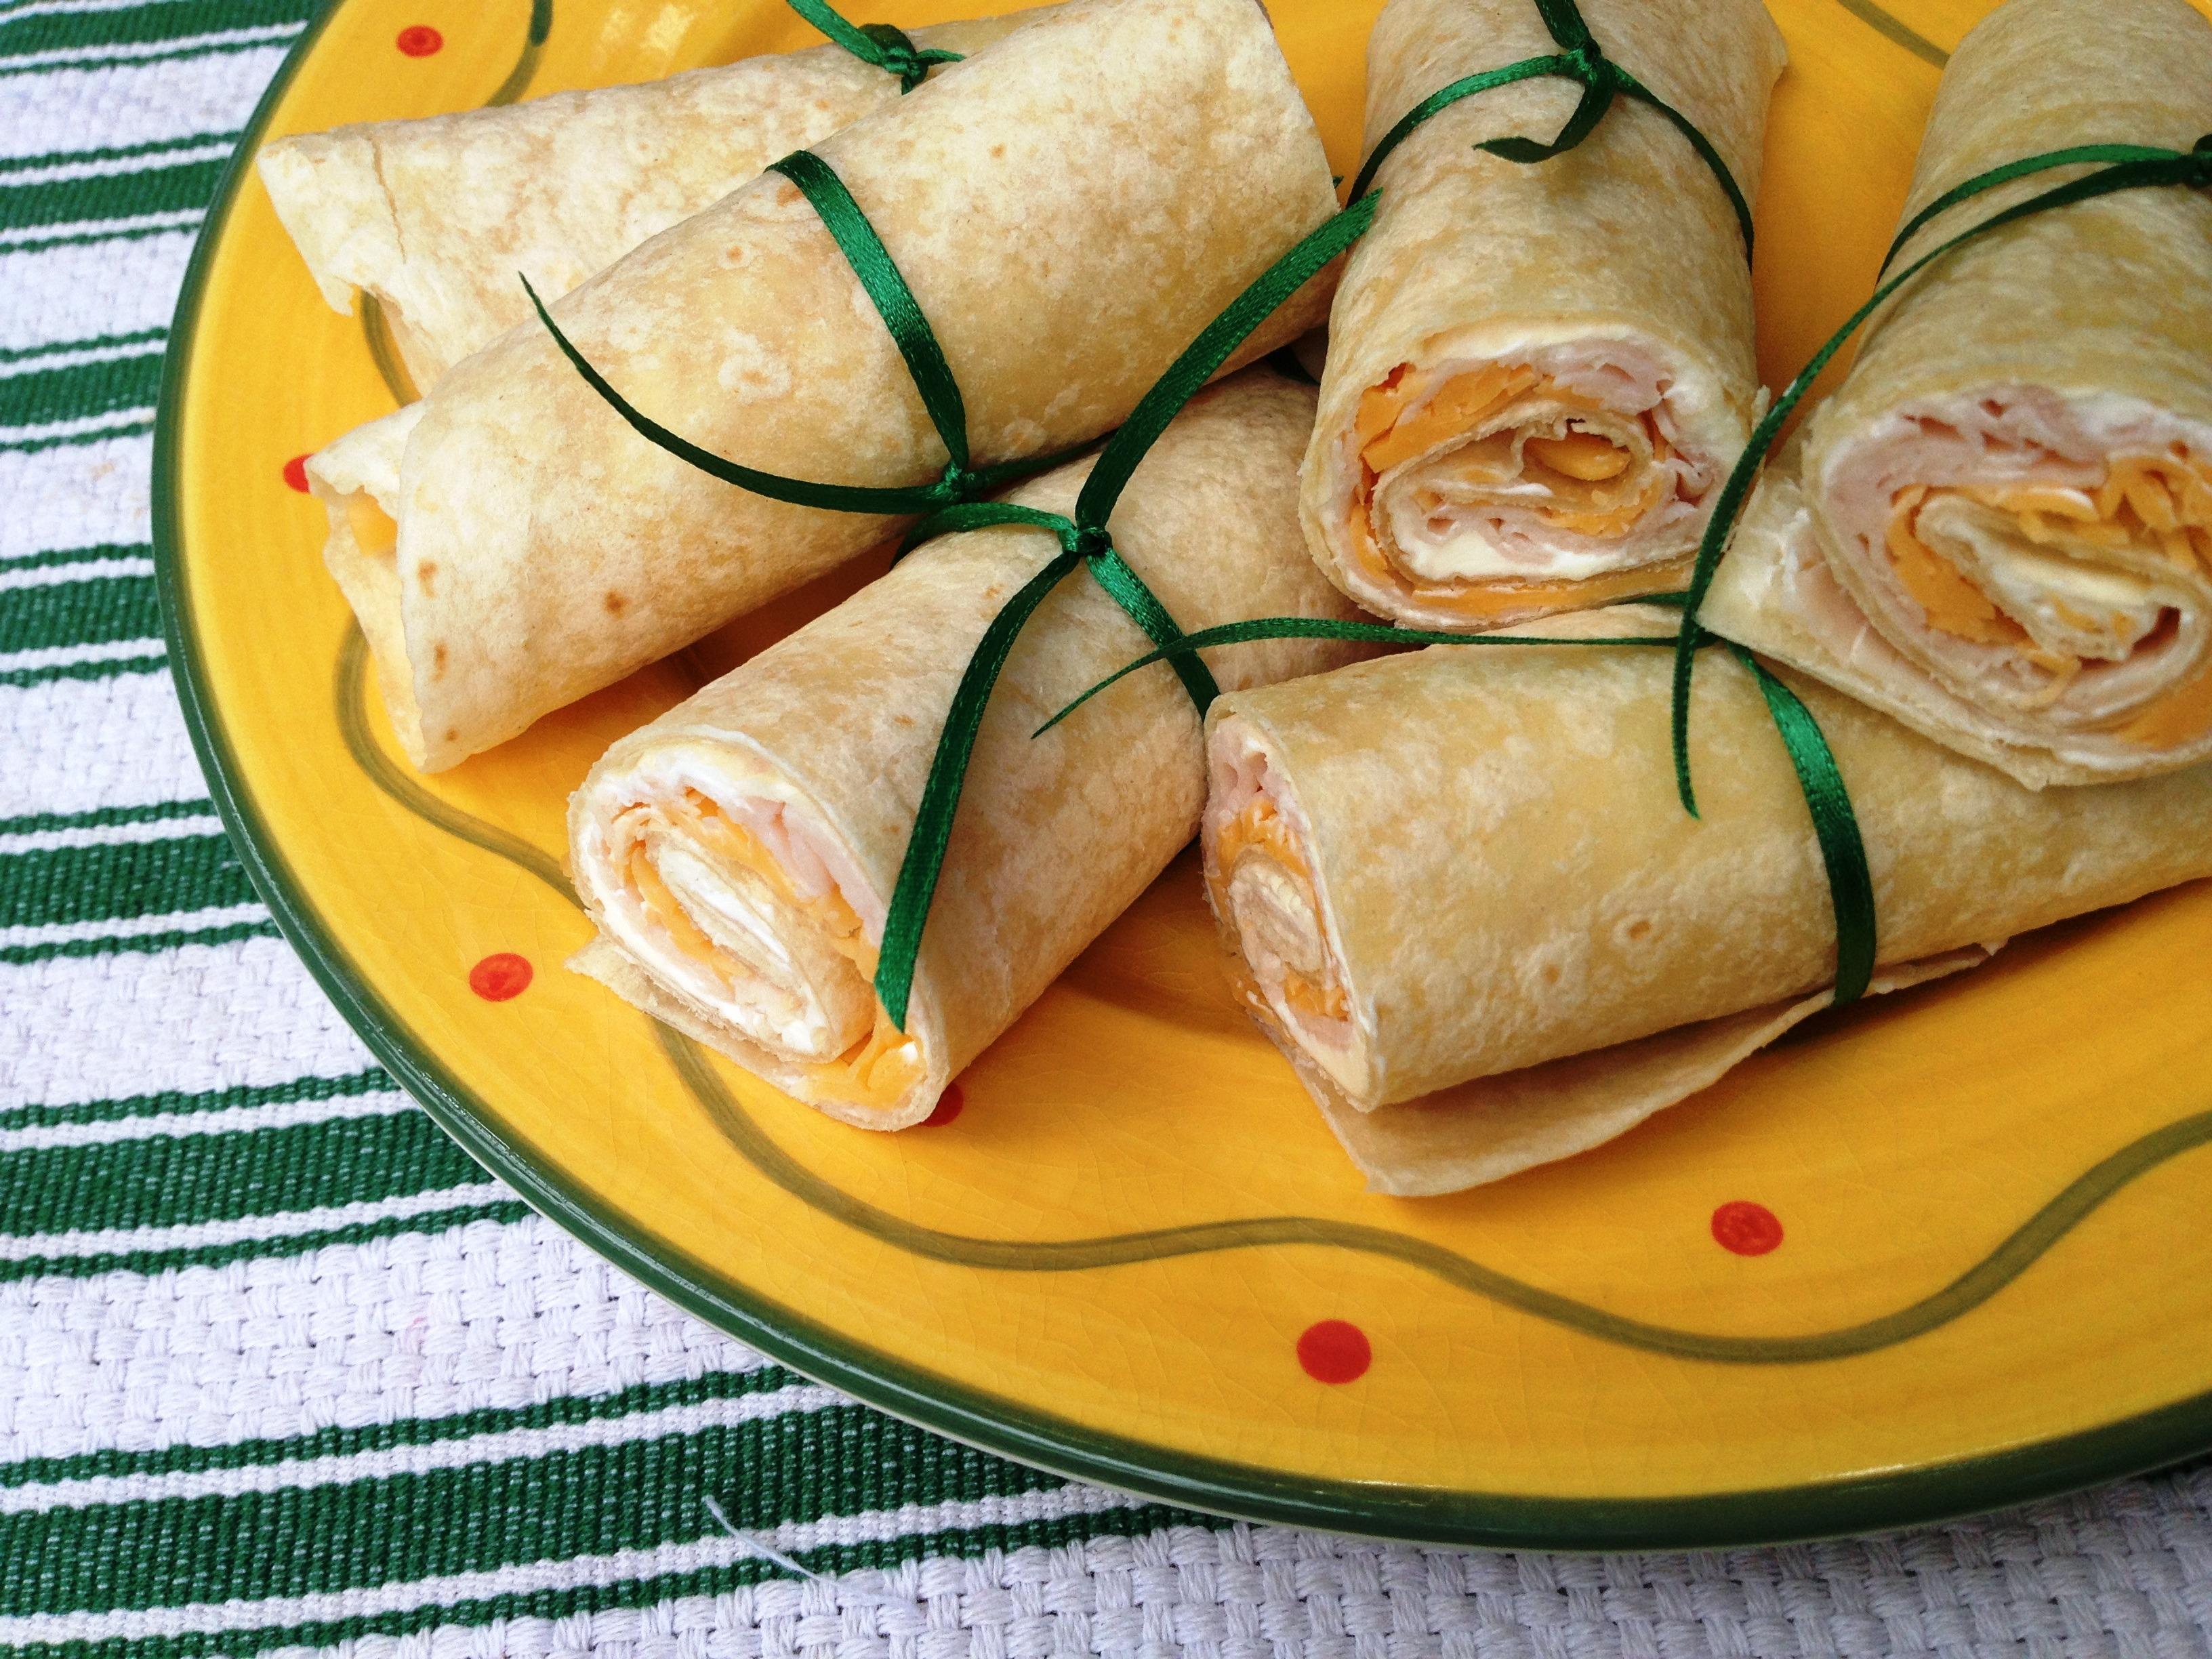 13 Graduation Party Food Ideas And Recipes Foodcom